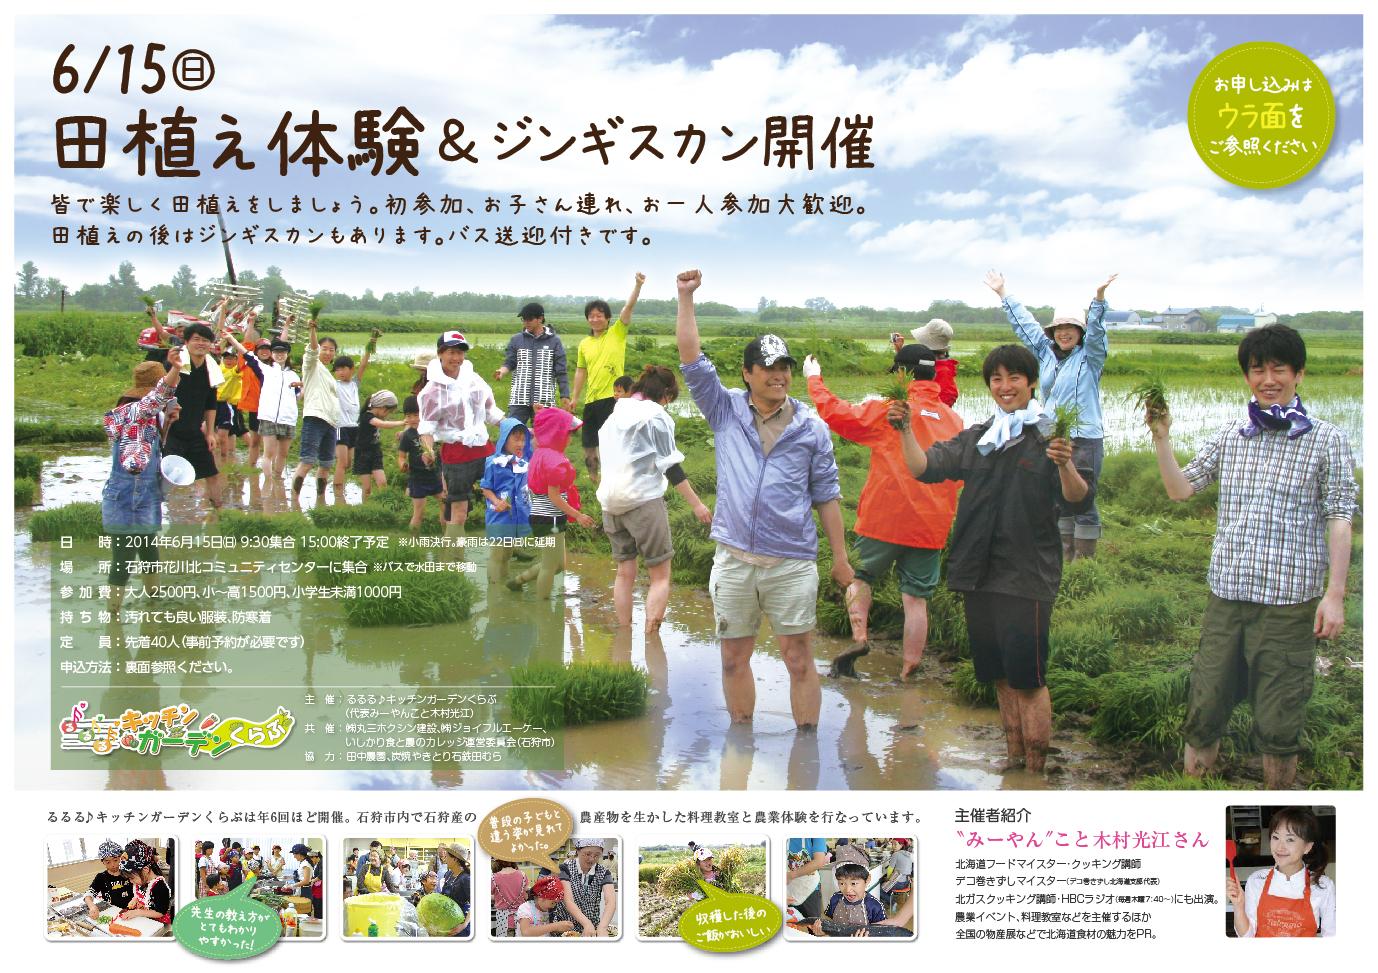 6月15日 田植え&ジンギスカン いよいよ開催します